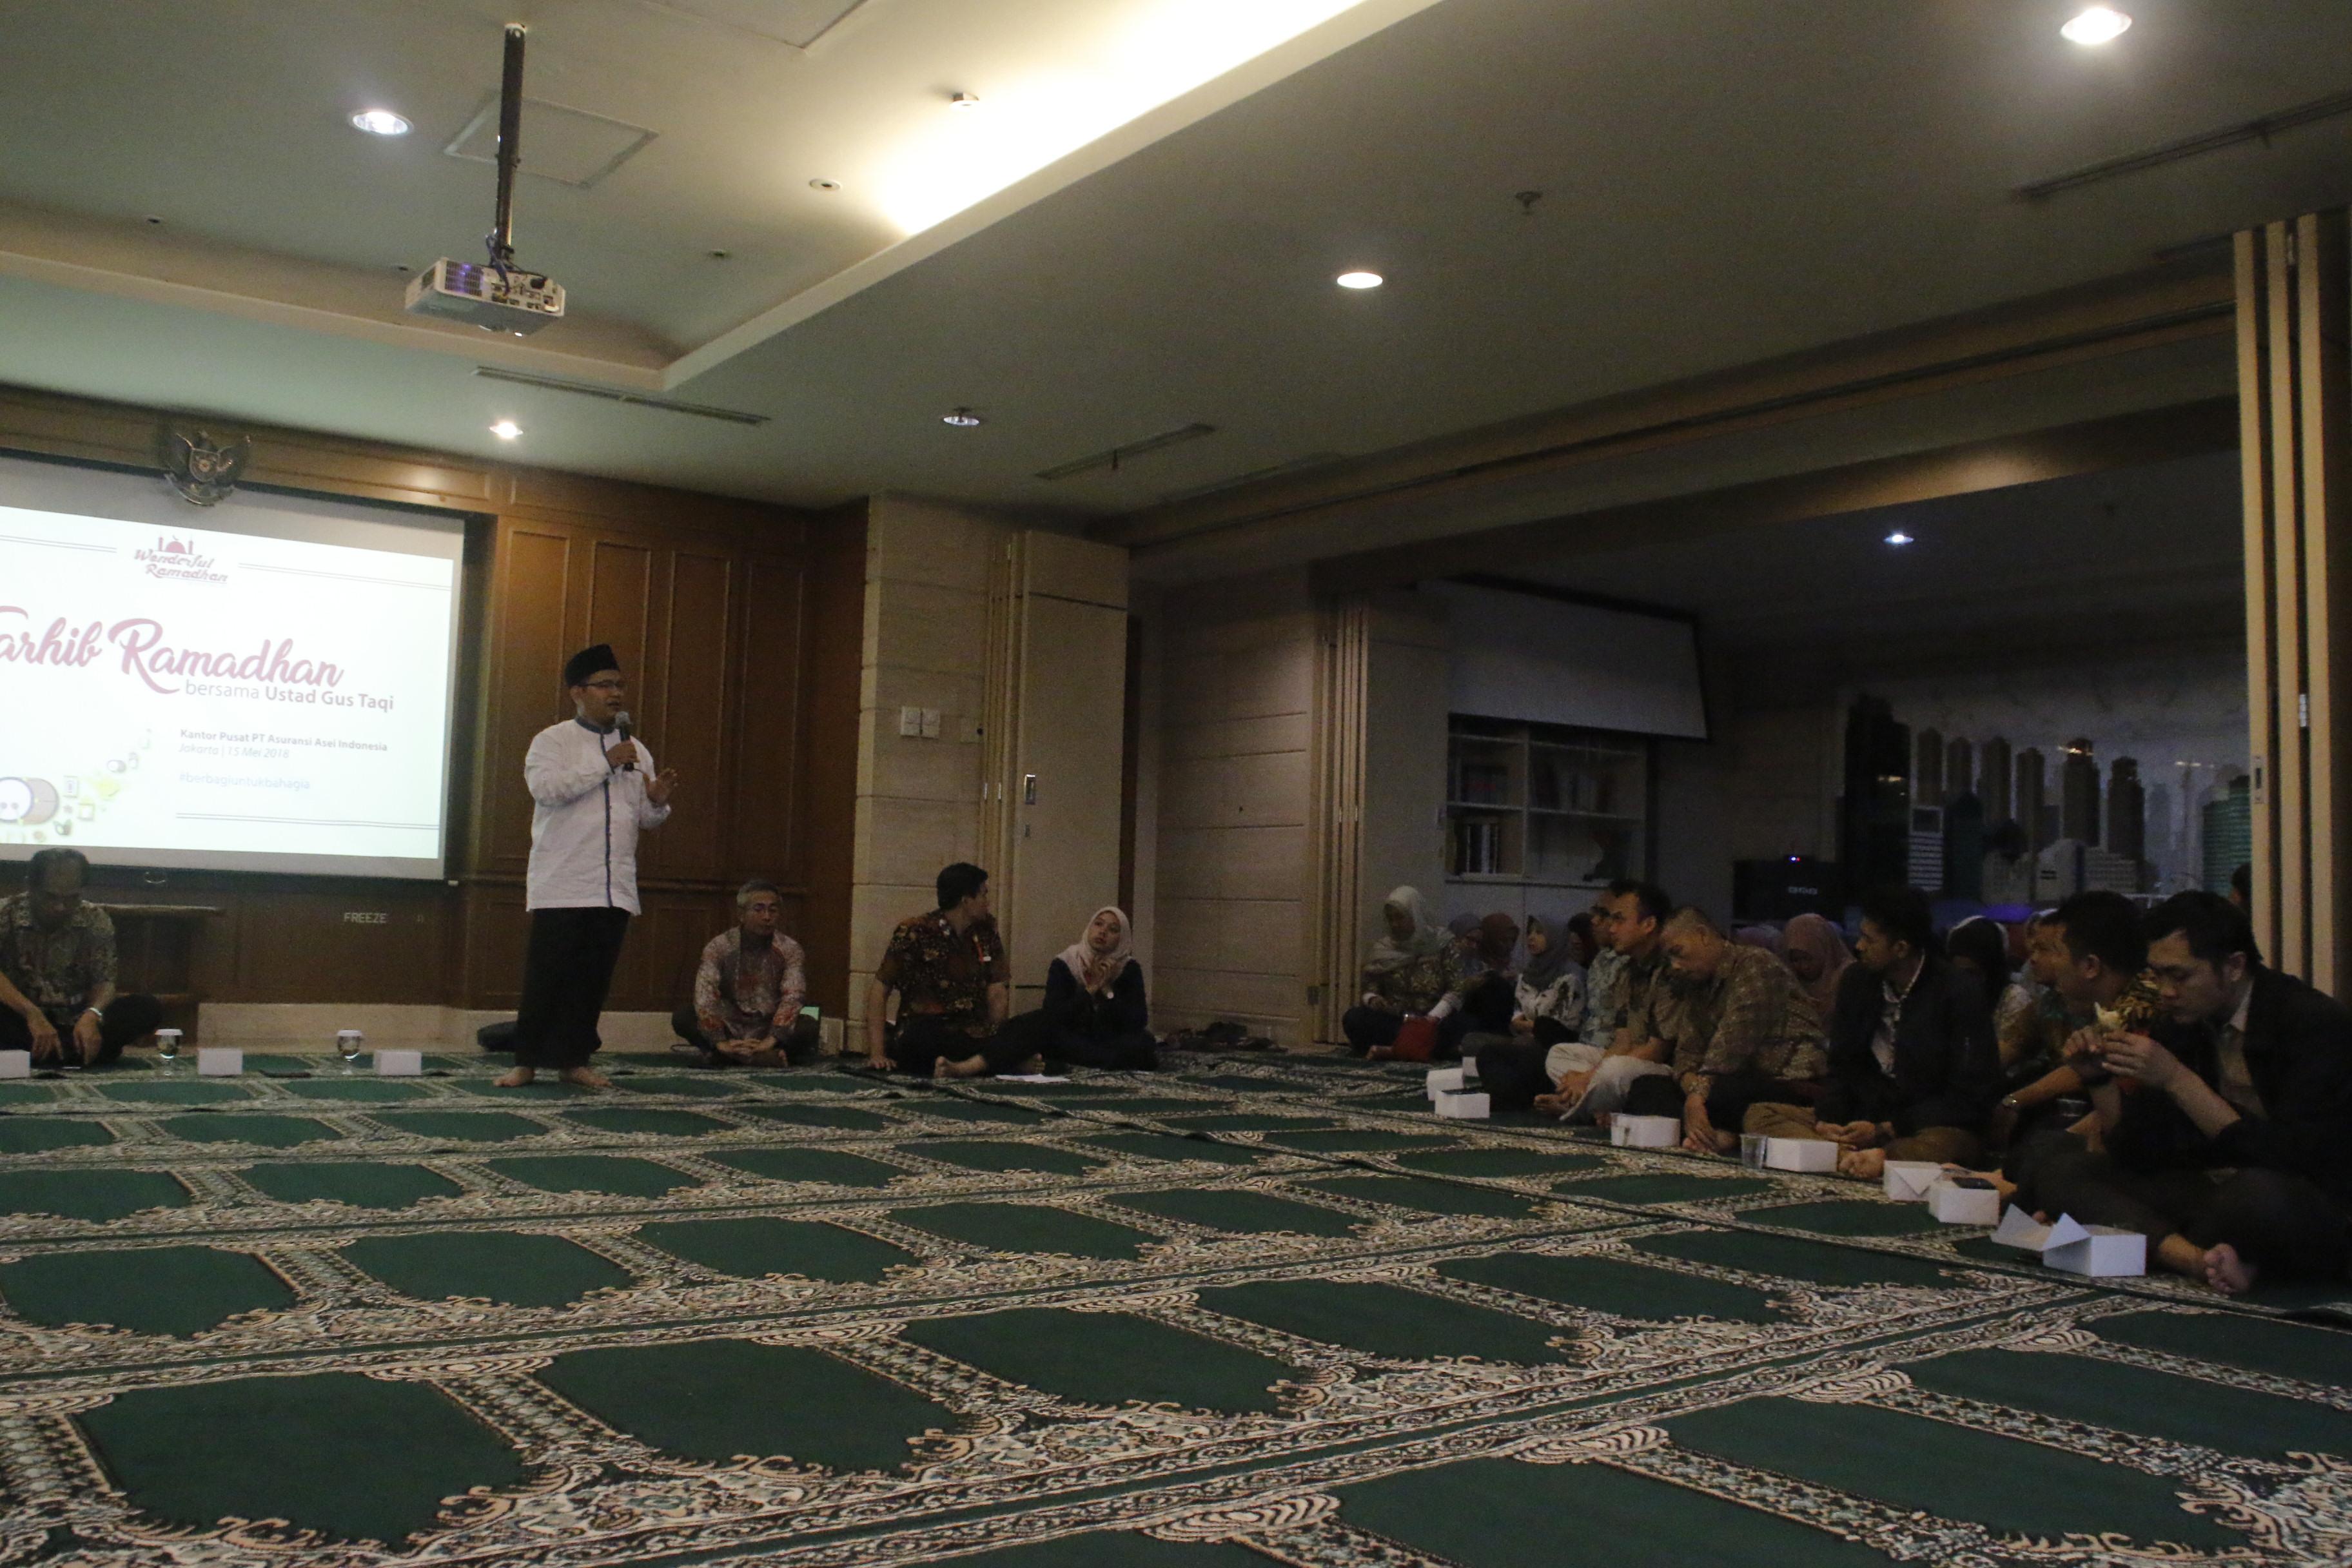 Tarhib Ramadhan Asuransi Asei